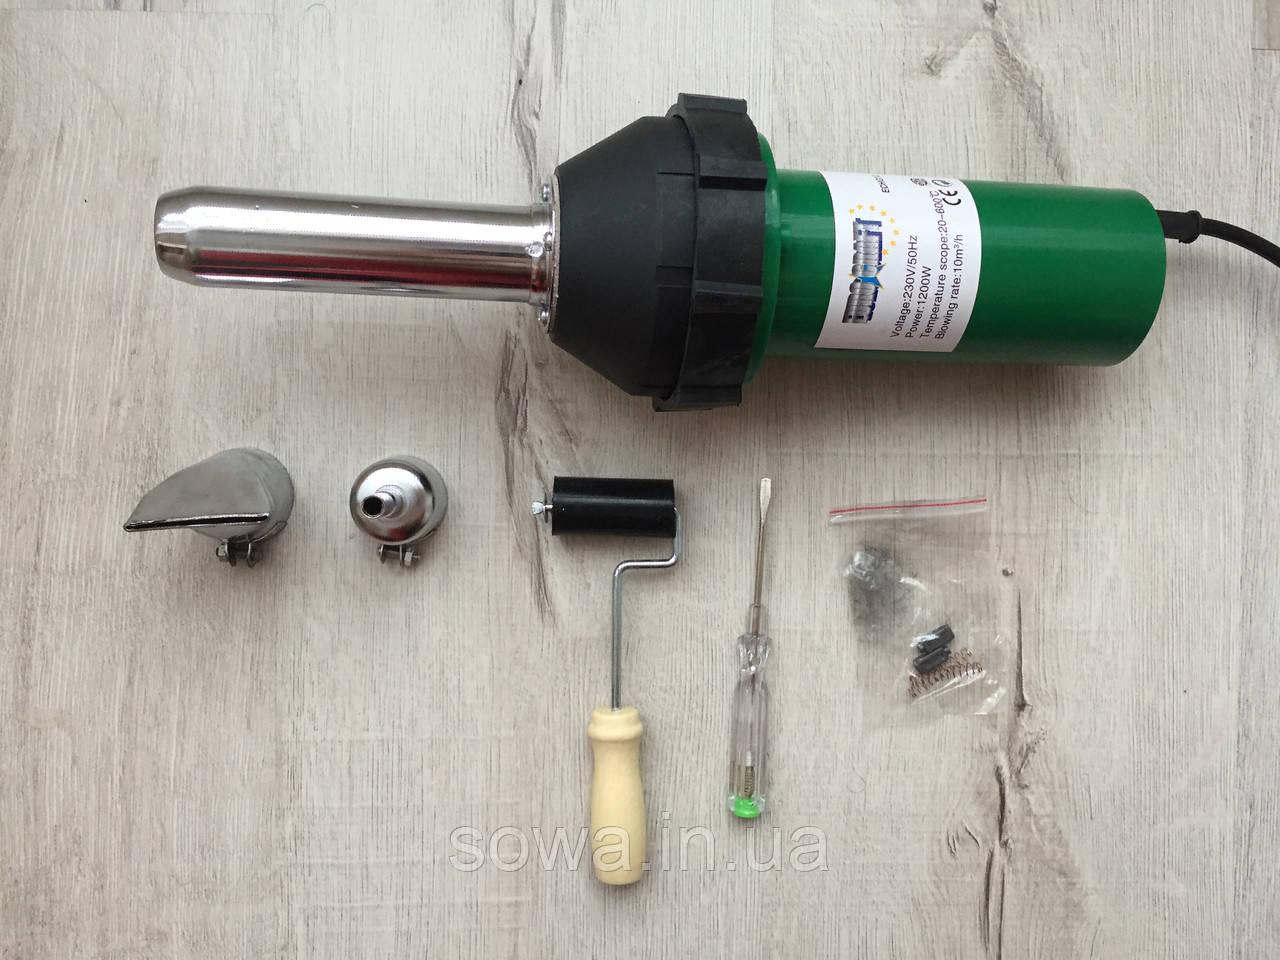 ✔️ Фен для зварювання пластика та паяння бамперів з насадками ( паяльник ) Euro Craft ECHG12